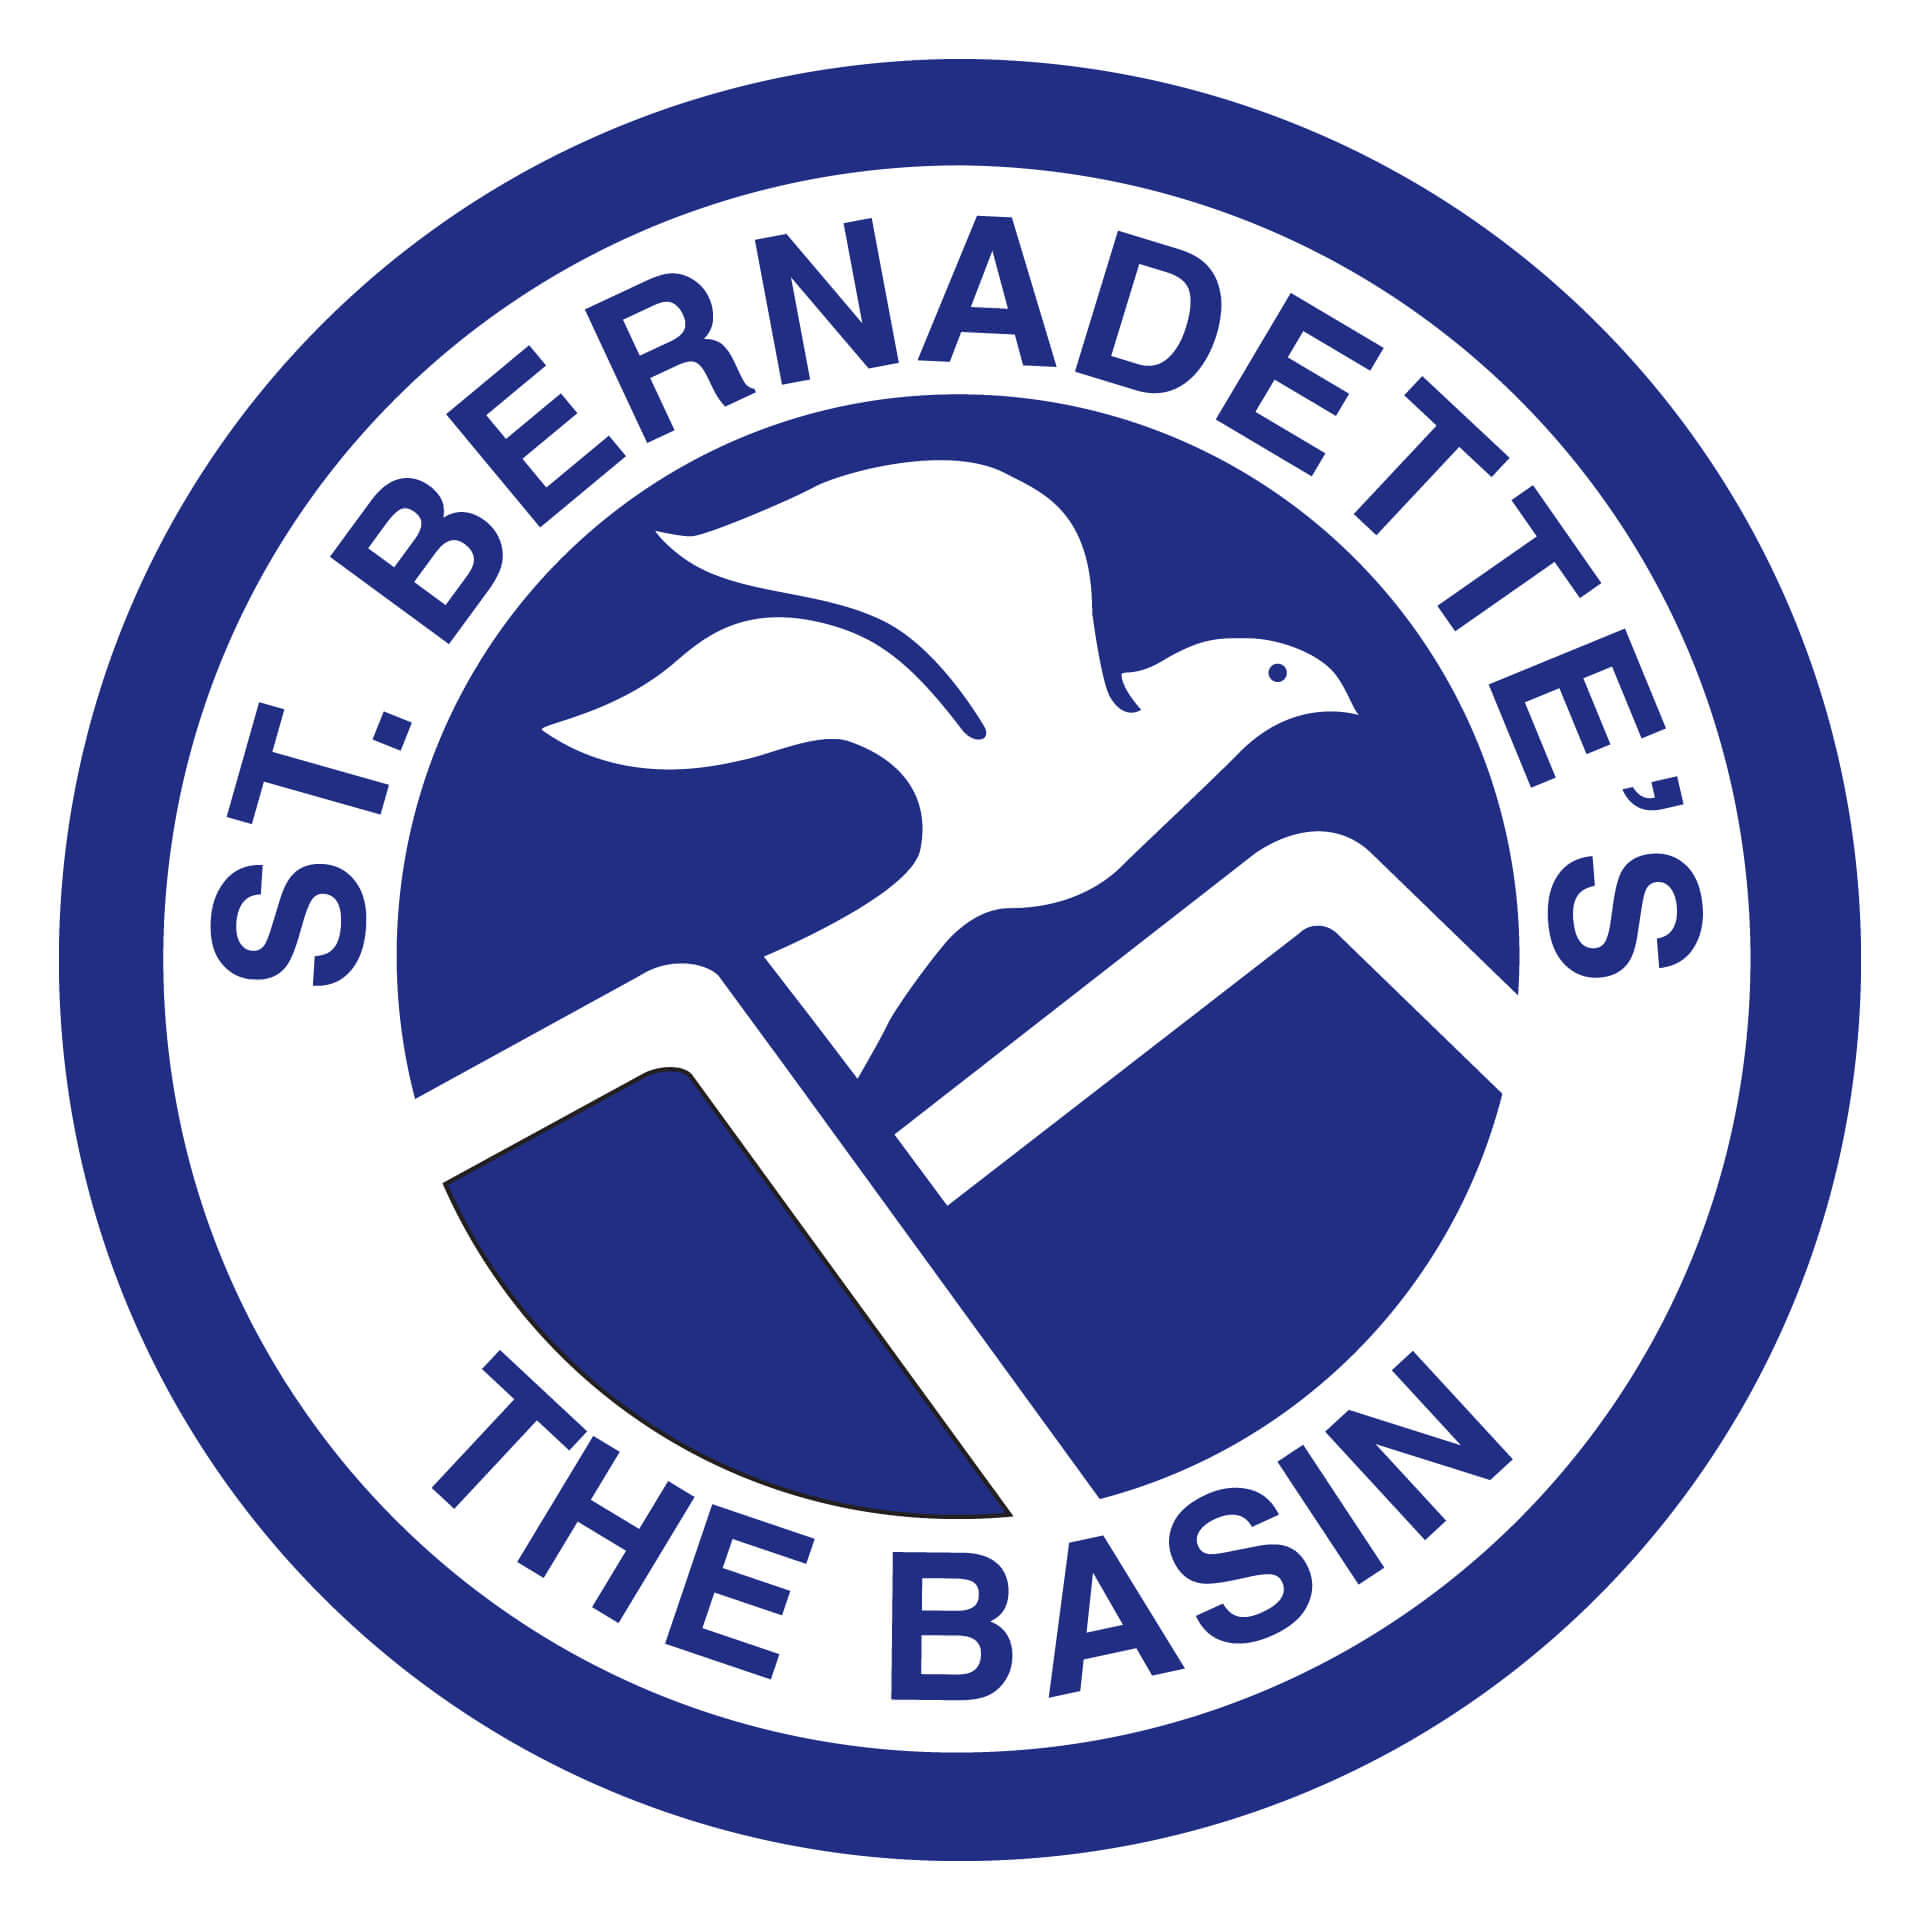 St Bernadette's Primary School